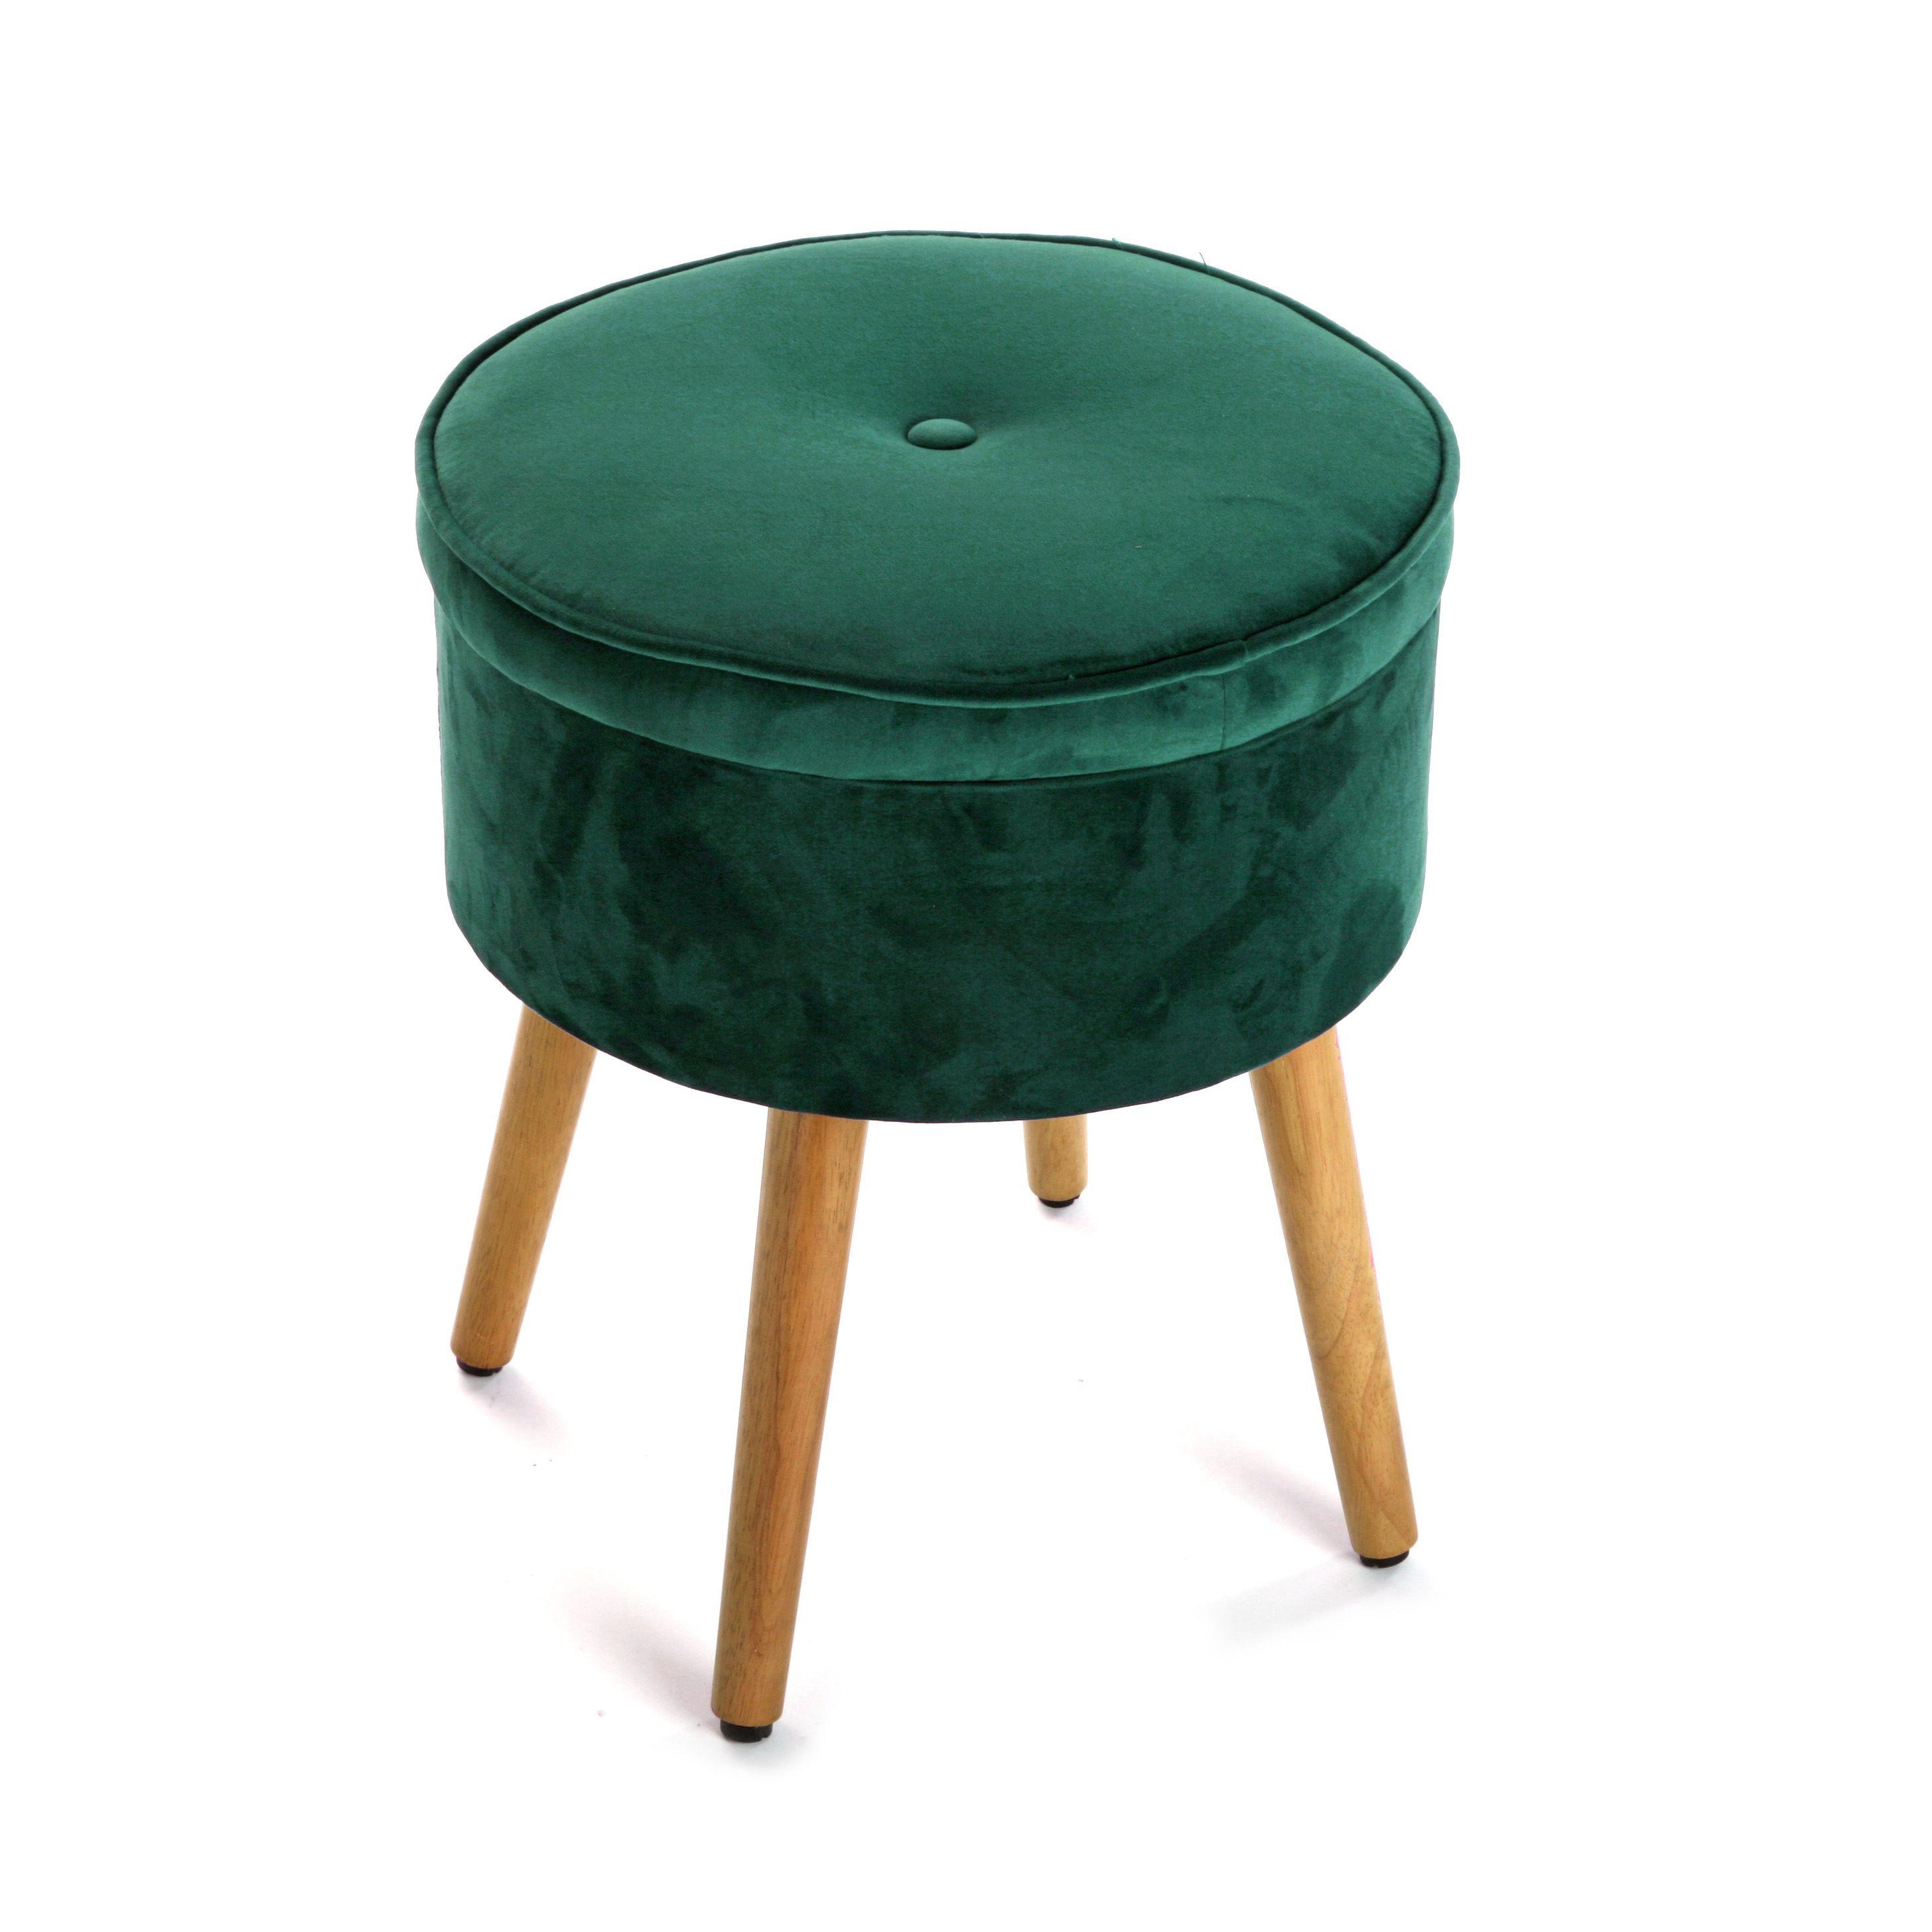 Taburete Terciopelo Verde Esmeralda Con Patas De Madera Natural Taburete Muebles Verdes Interiores De Casas Pequenas